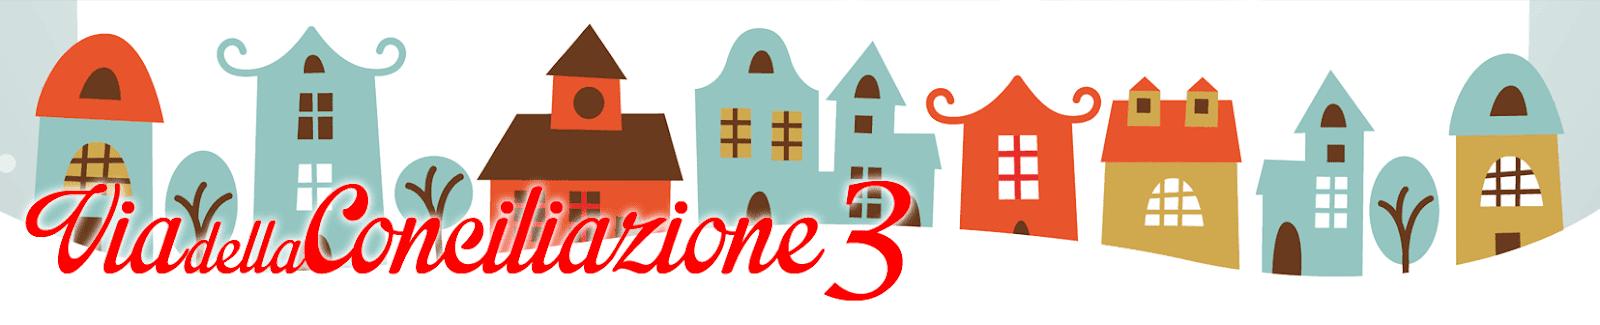 ViaDellaConciliazione3